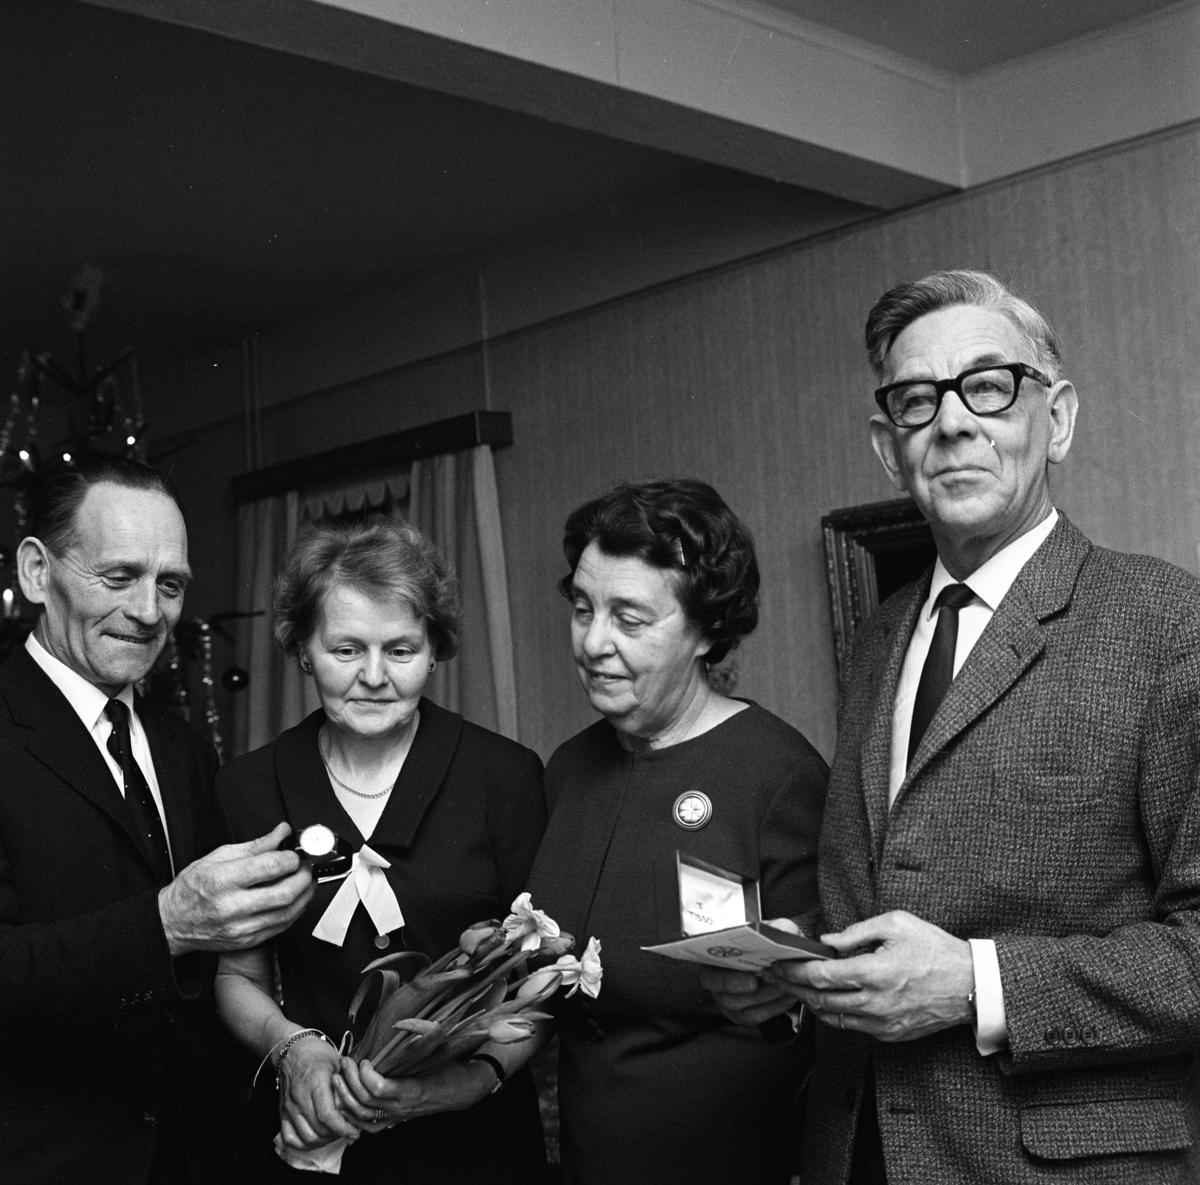 Einar Larsson i Hamre har fått en armbandsklocka. En kvinna håller i en blombukett. Två män och två kvinnor. I bakgrunden anas en julgran.